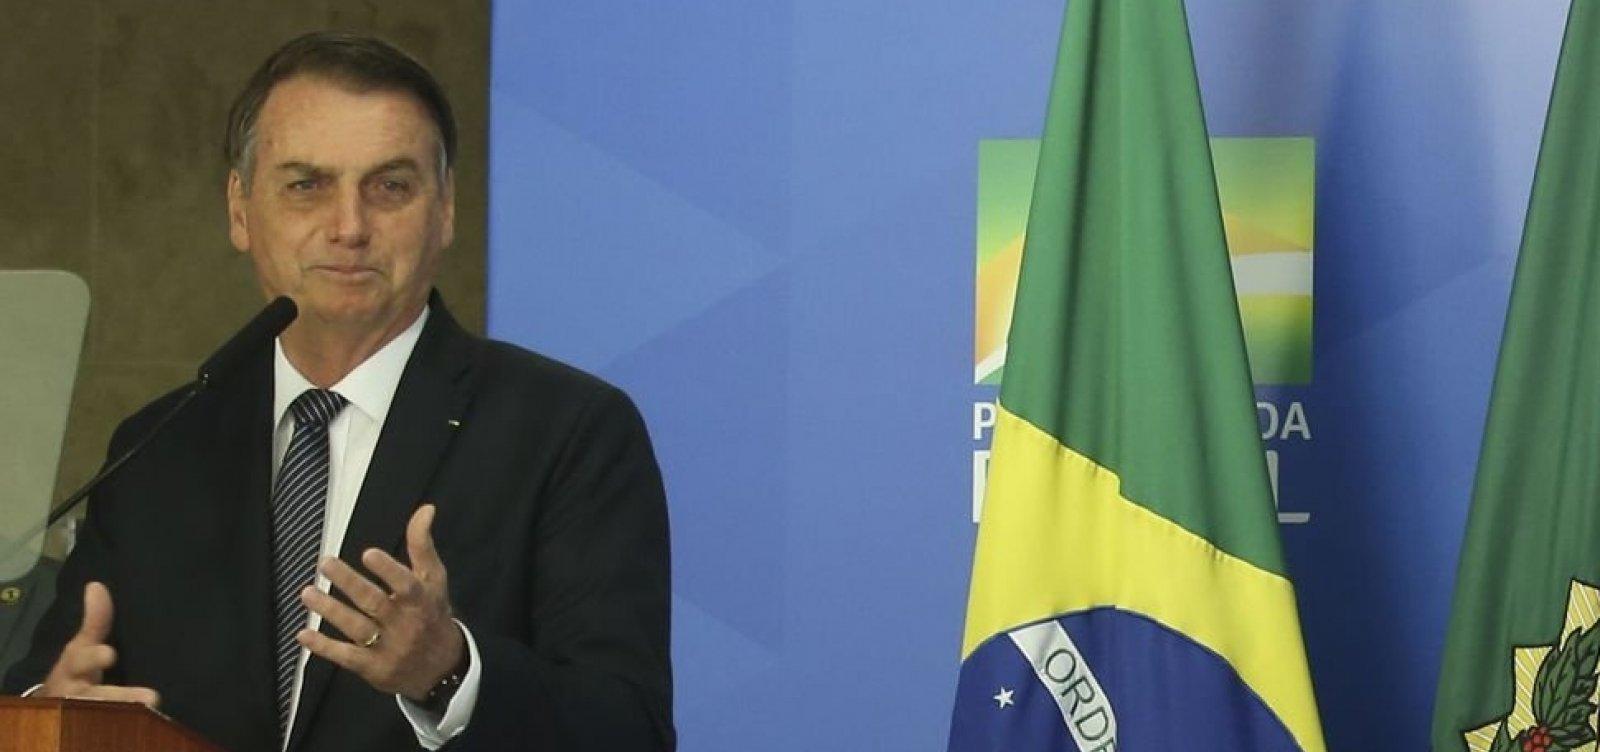 Economia com reforma tem de ser ao menos de R$800 bi, diz Bolsonaro